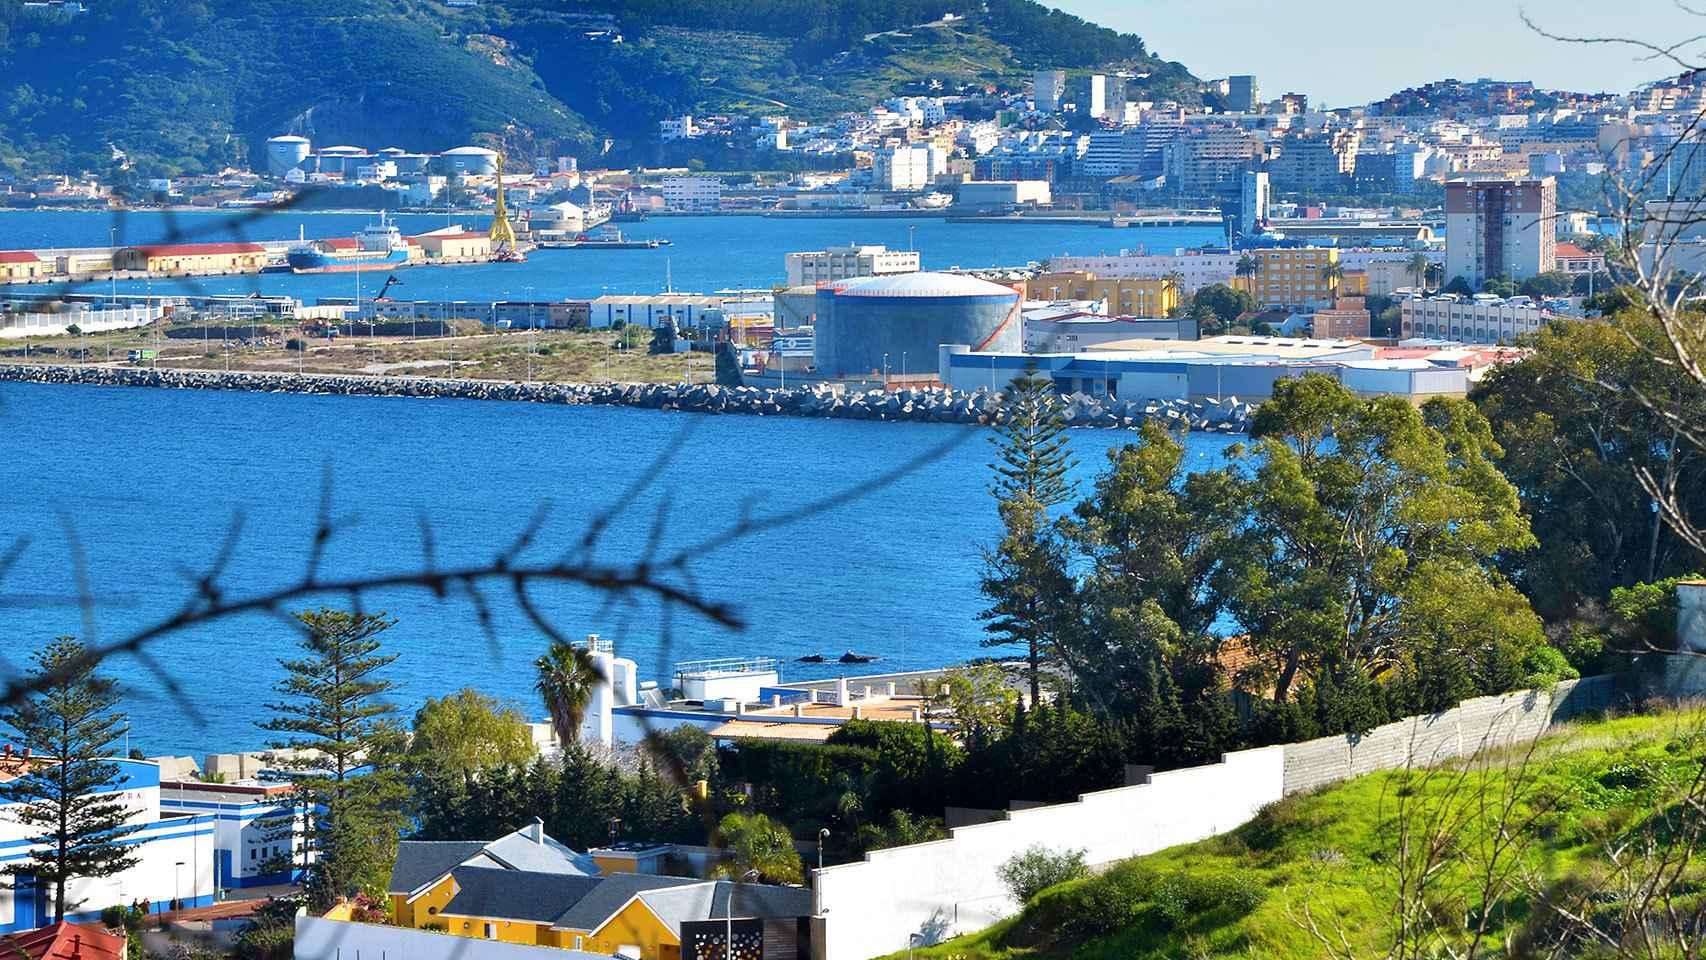 Vista aérea de Ceuta.